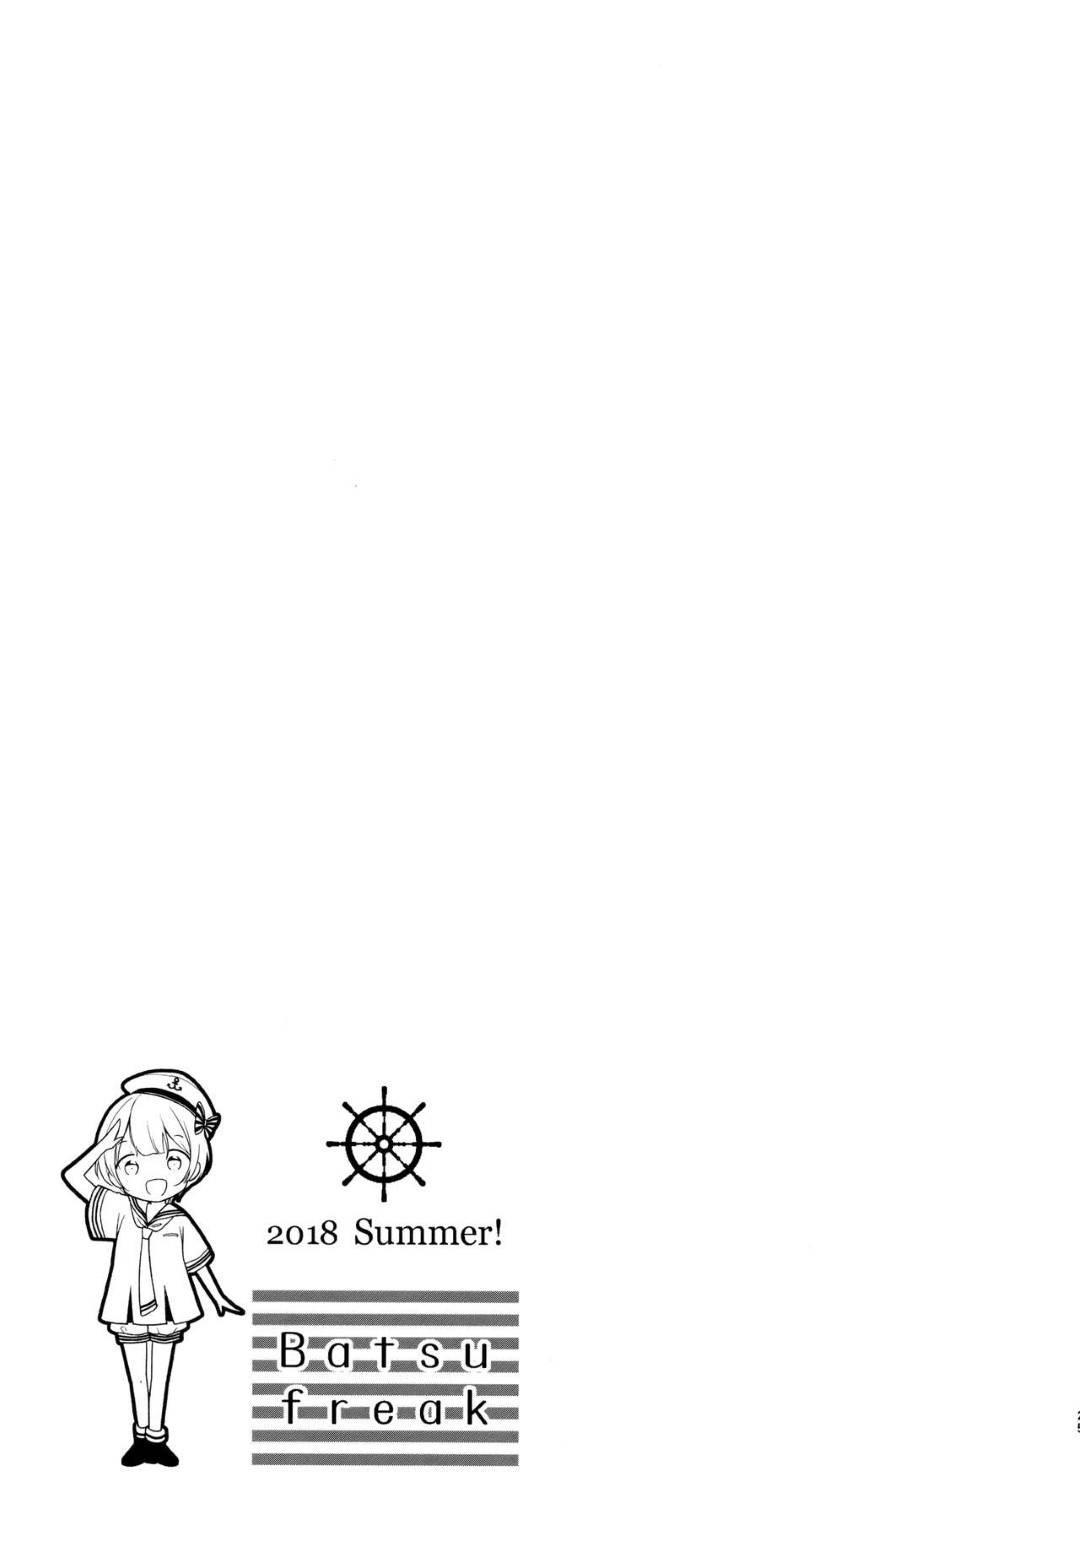 【イチャラブ幼馴染エロ漫画】小茉莉は留守番していると、小さい時に意地悪された兄の友人が遊びに来た。警戒していた小茉莉だったが、彼の心が読めるようになり自分に想いを寄せている事を知る。彼から告白され生ハメセックスで意地悪される【清宮涼】